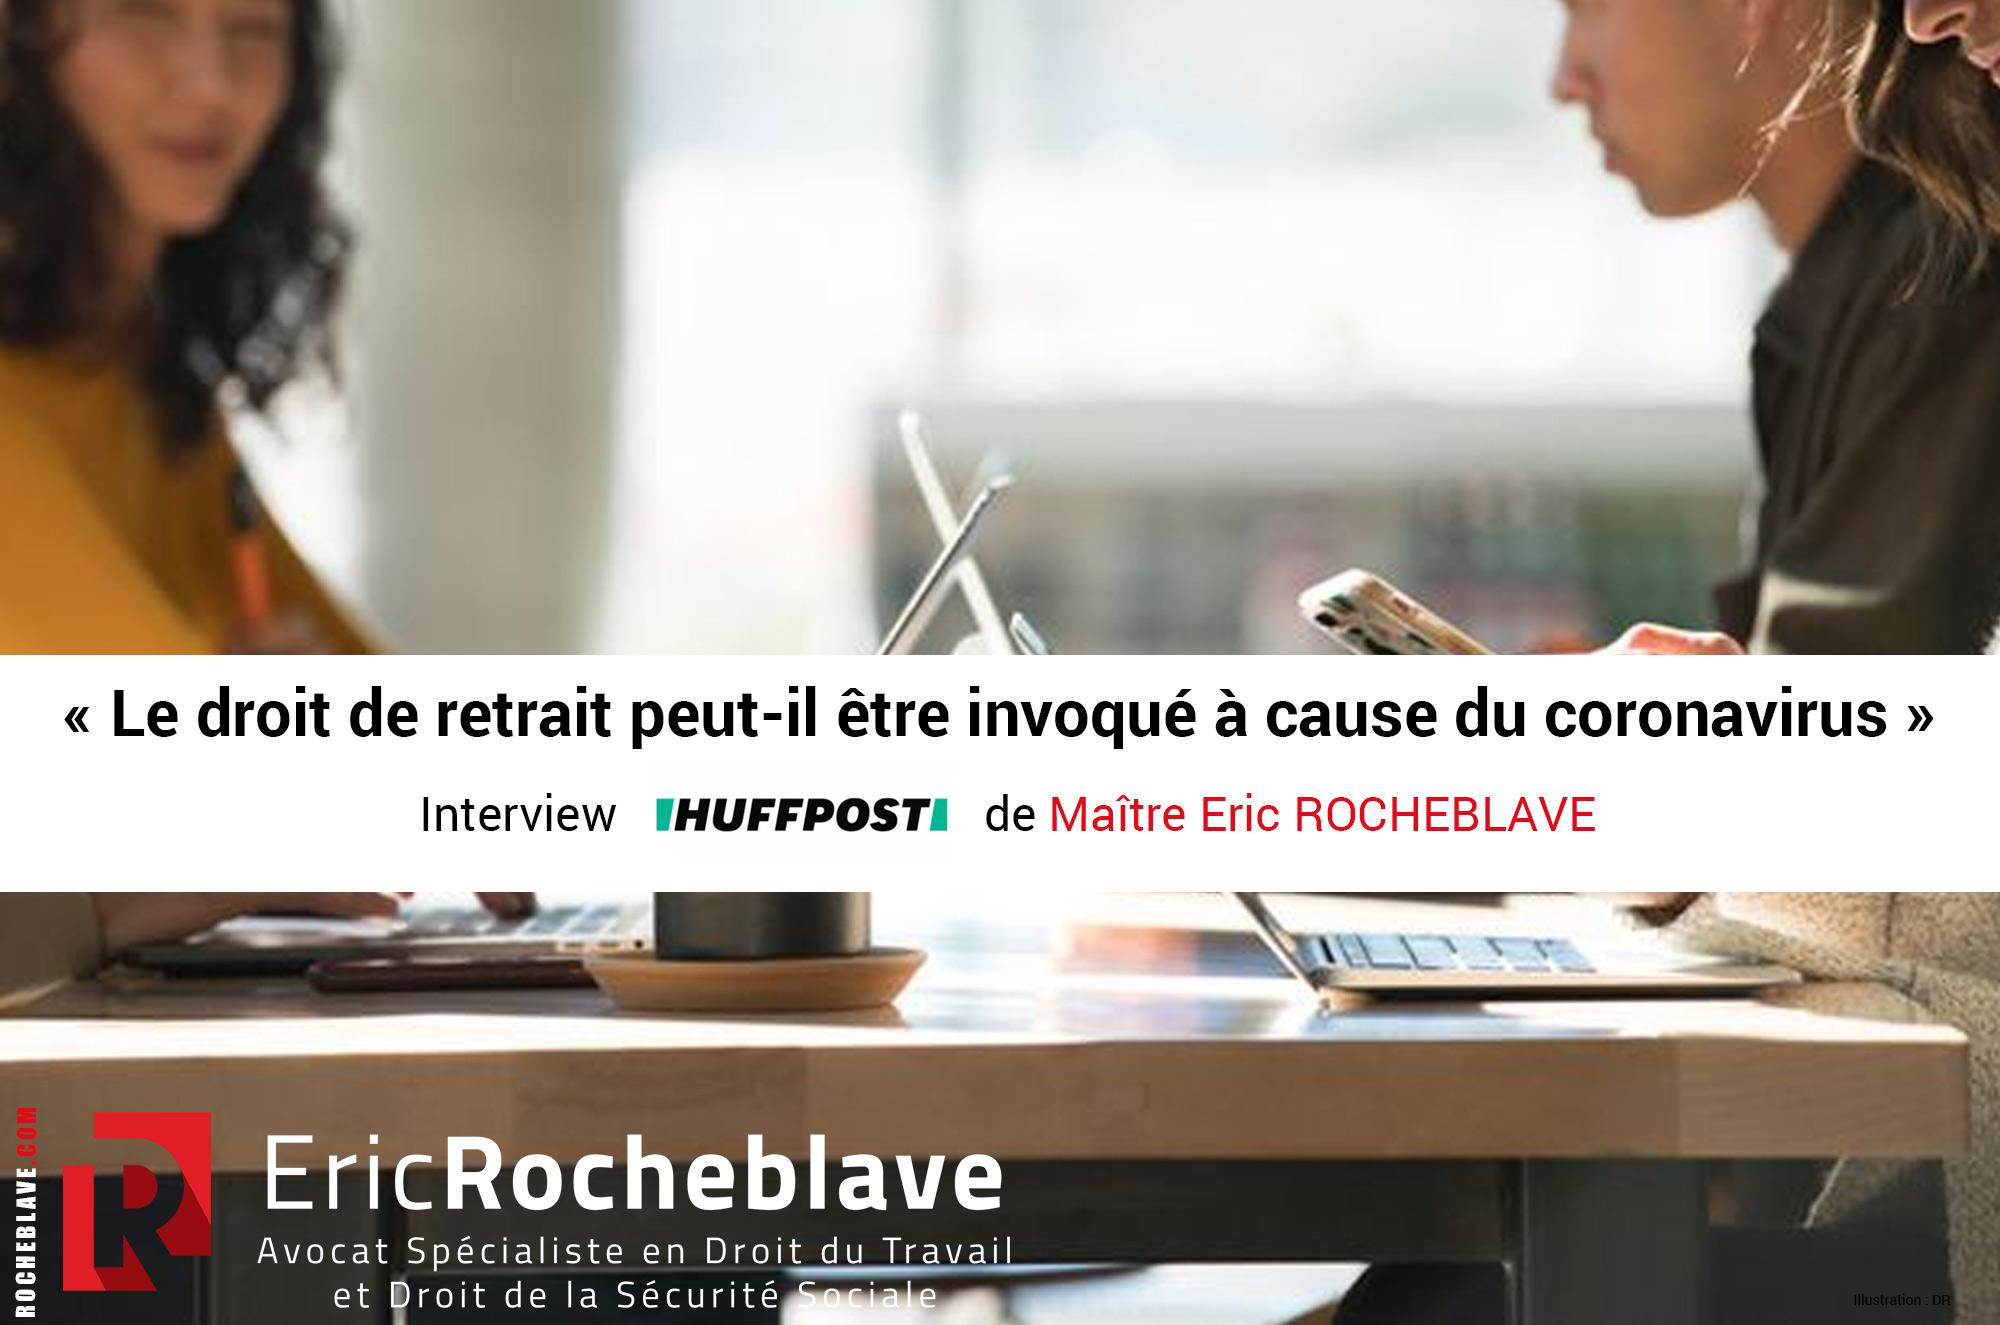 « Le droit de retrait peut-il être invoqué à cause du coronavirus » Interview HUFFPOST de Maître Eric ROCHEBLAVE